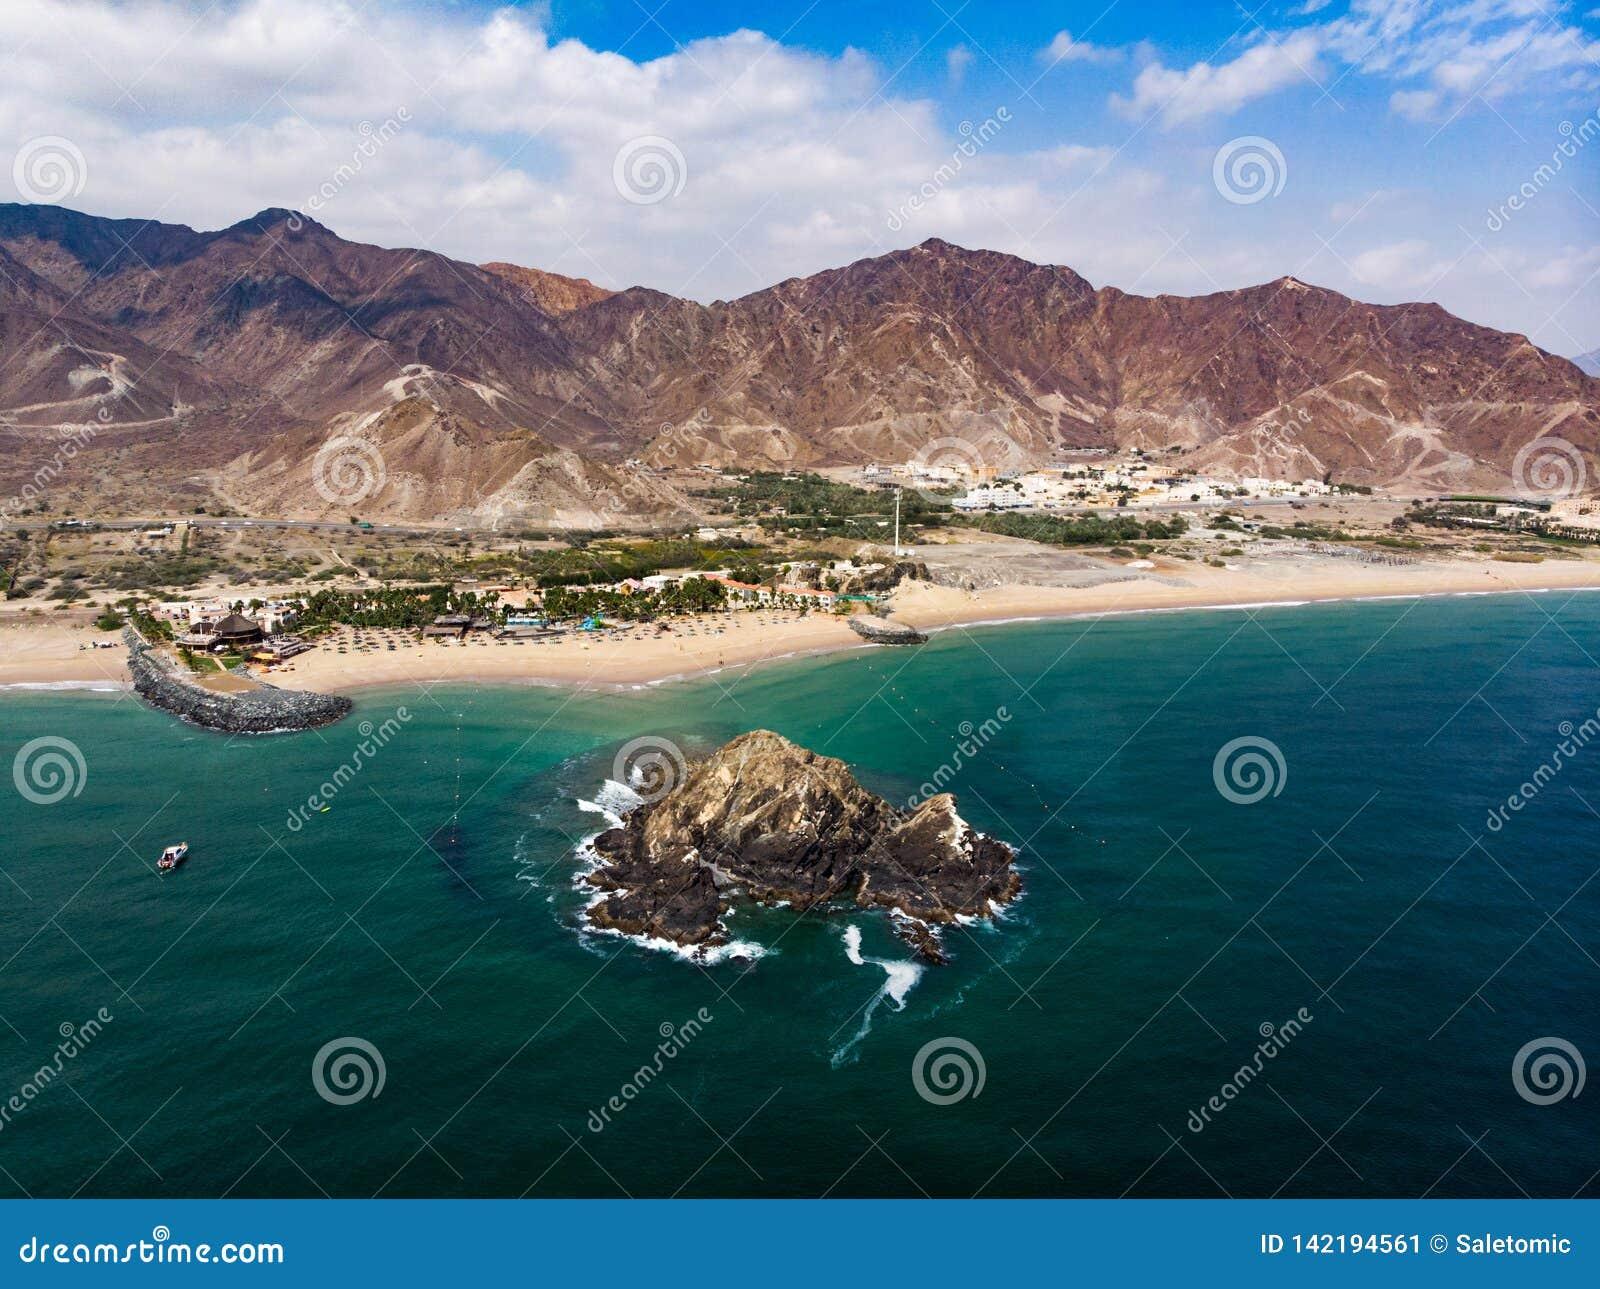 富查伊拉沙滩在阿拉伯联合酋长国